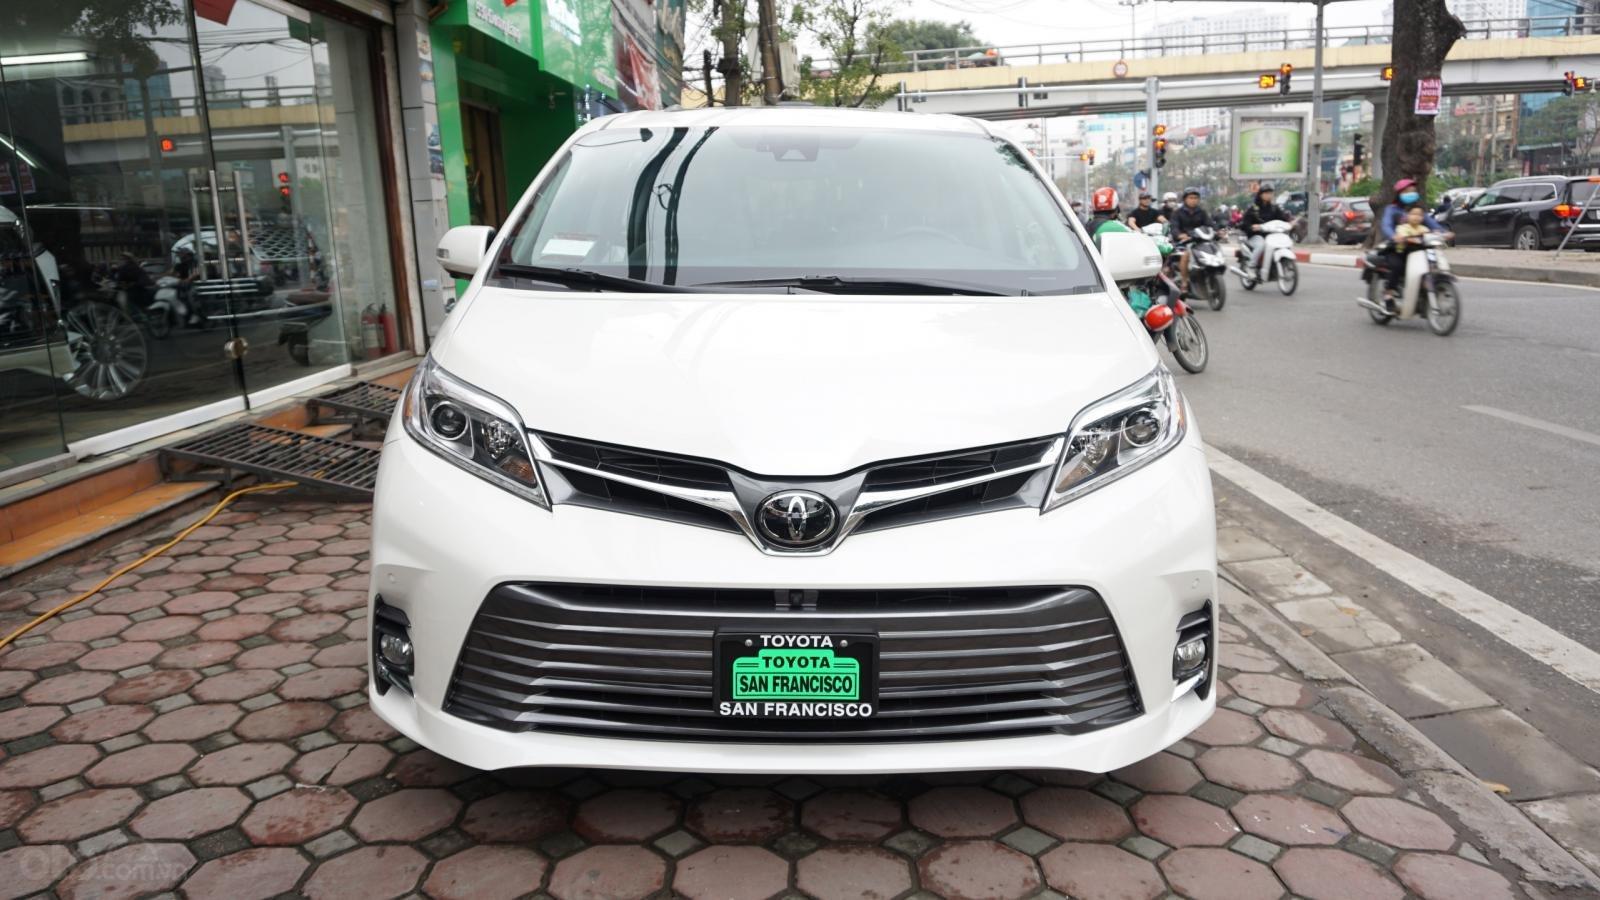 Bán Toyota Sienna Limited 1 cầu 2019, giá tốt, xe giao ngay trong ngày, LH Ms Hương 094.539.2468 (1)